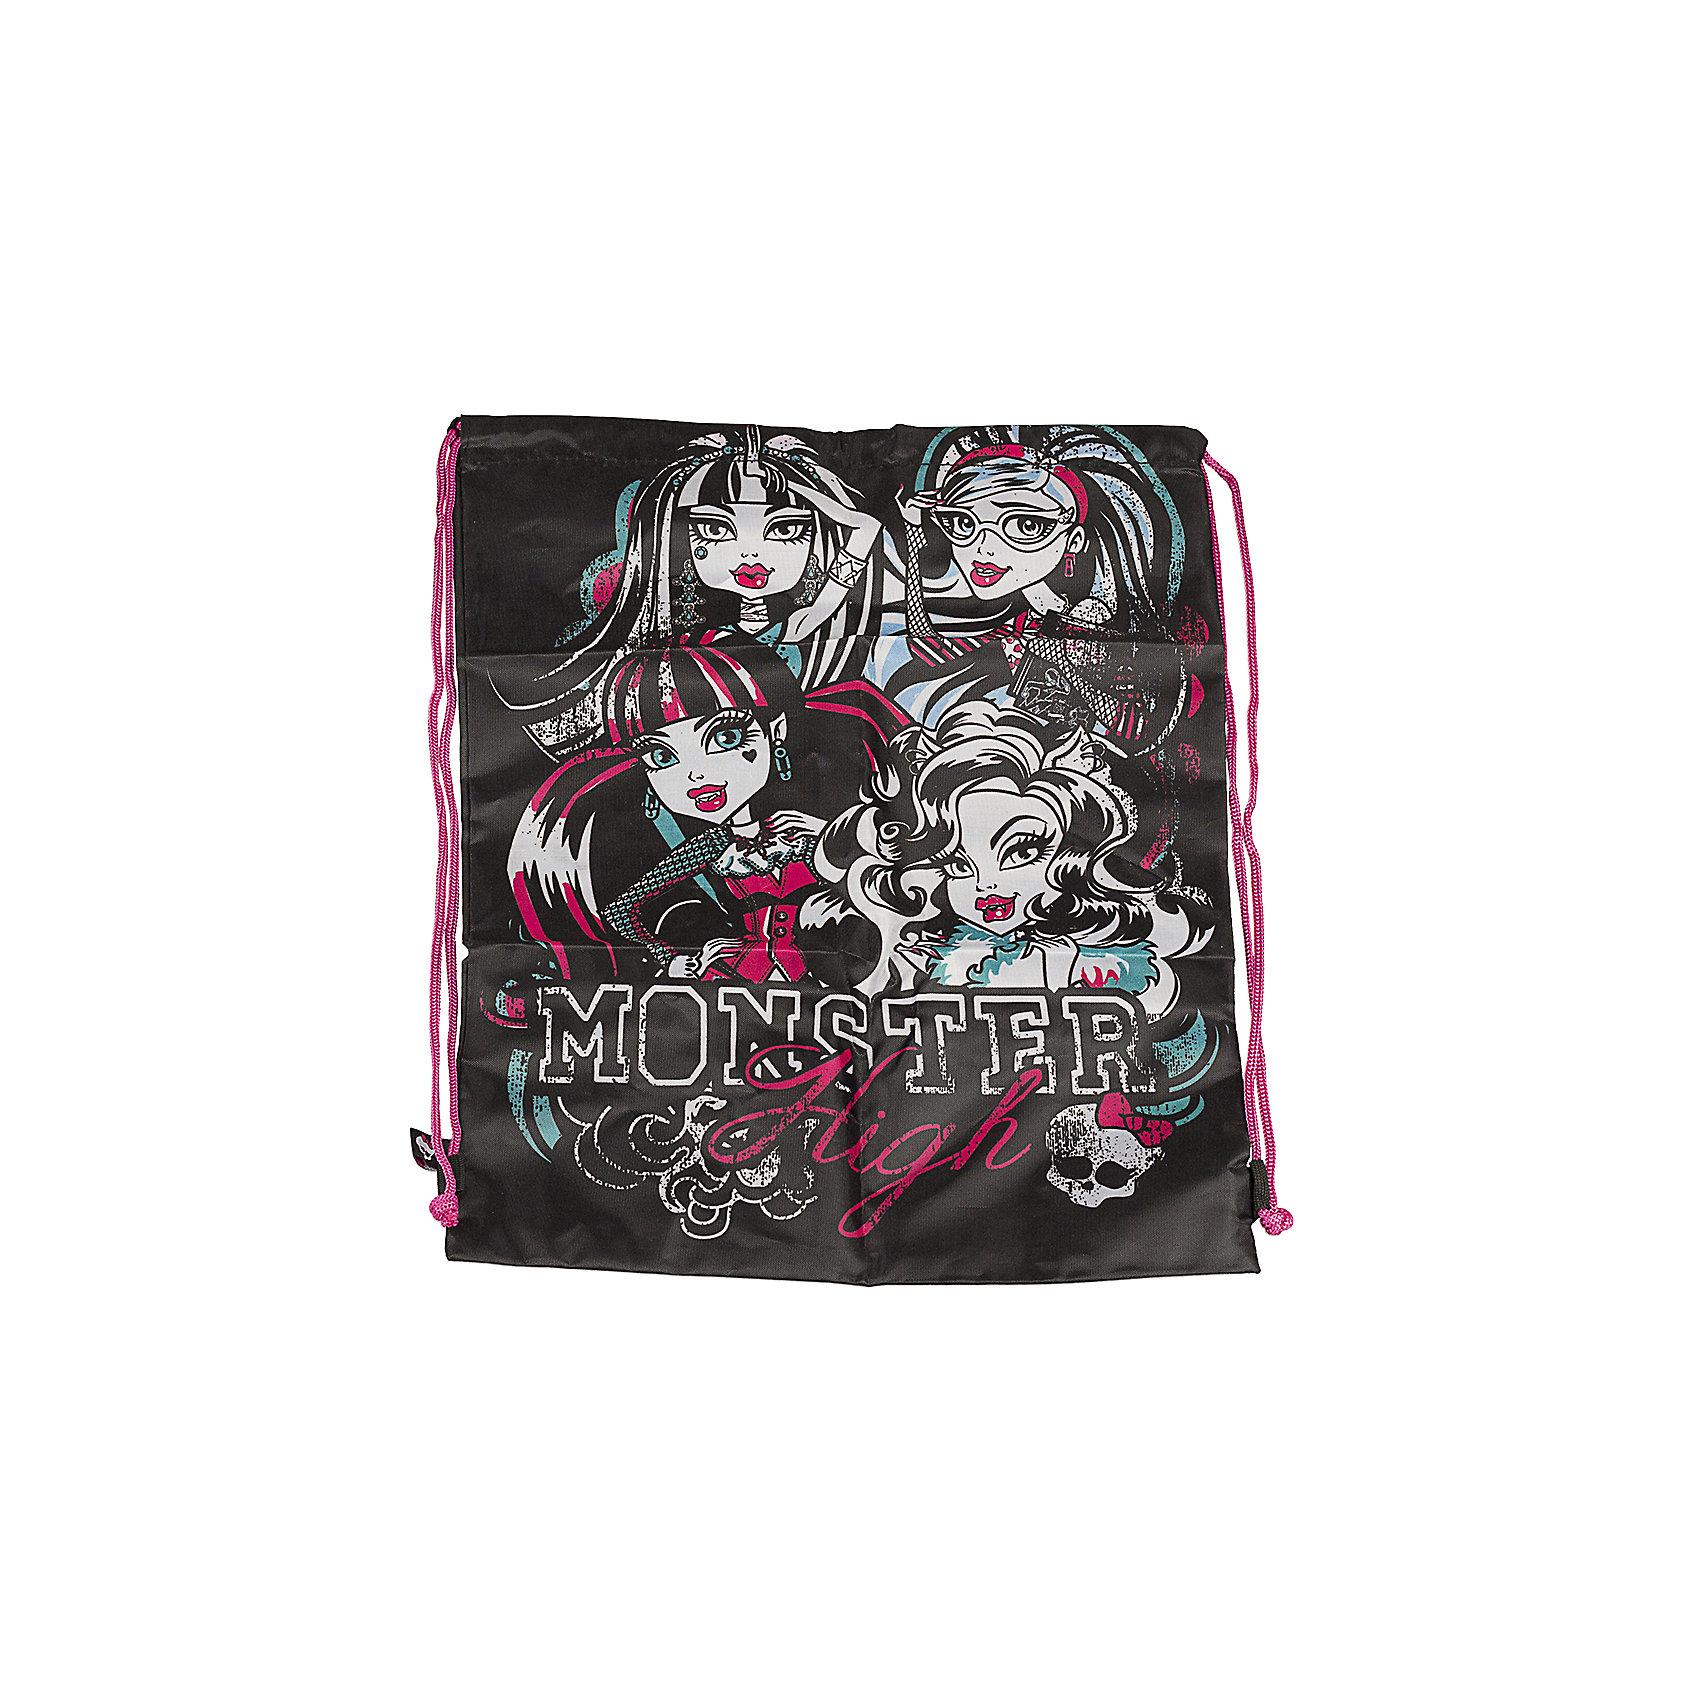 Сумка-рюкзак для обуви, Monster HighMonster High<br>Забудьте о неудобных пакетах для сменной или спортивной обуви! Незаменимый аксессуар для школьника: Сумка-рюкзак для обуви,  Monster High ( Монстер Хай)! Сумка для обуви с дополнительным карманом черная Monster High ( Монстер Хай) - это стильный аксессуар современного школьника. Ваша девочка наверняка захочет положить в этот небольшой мешочек-рюкзак свои кроссовки или кеды. <br><br>Дополнительная информация: <br><br>- Сумка для обуви черная  Monster High ( Монстер Хай) выполнена в стиле мультфильма Школа Монстров;<br>- Сумка затягивается на шнурок, который используется в качестве лямок;<br>- Мешок для обуви сделан из плотного материала;<br>- Размер: 43 х 34 см;<br>- Материал: полиэстер;<br>- Вес: 71 г.<br><br>Сумку-рюкзак для обуви Monster High ( Монстер Хай) можно купить в нашем интернет-магазине.<br><br>Ширина мм: 20<br>Глубина мм: 400<br>Высота мм: 340<br>Вес г: 710<br>Возраст от месяцев: 120<br>Возраст до месяцев: 144<br>Пол: Женский<br>Возраст: Детский<br>SKU: 3563320